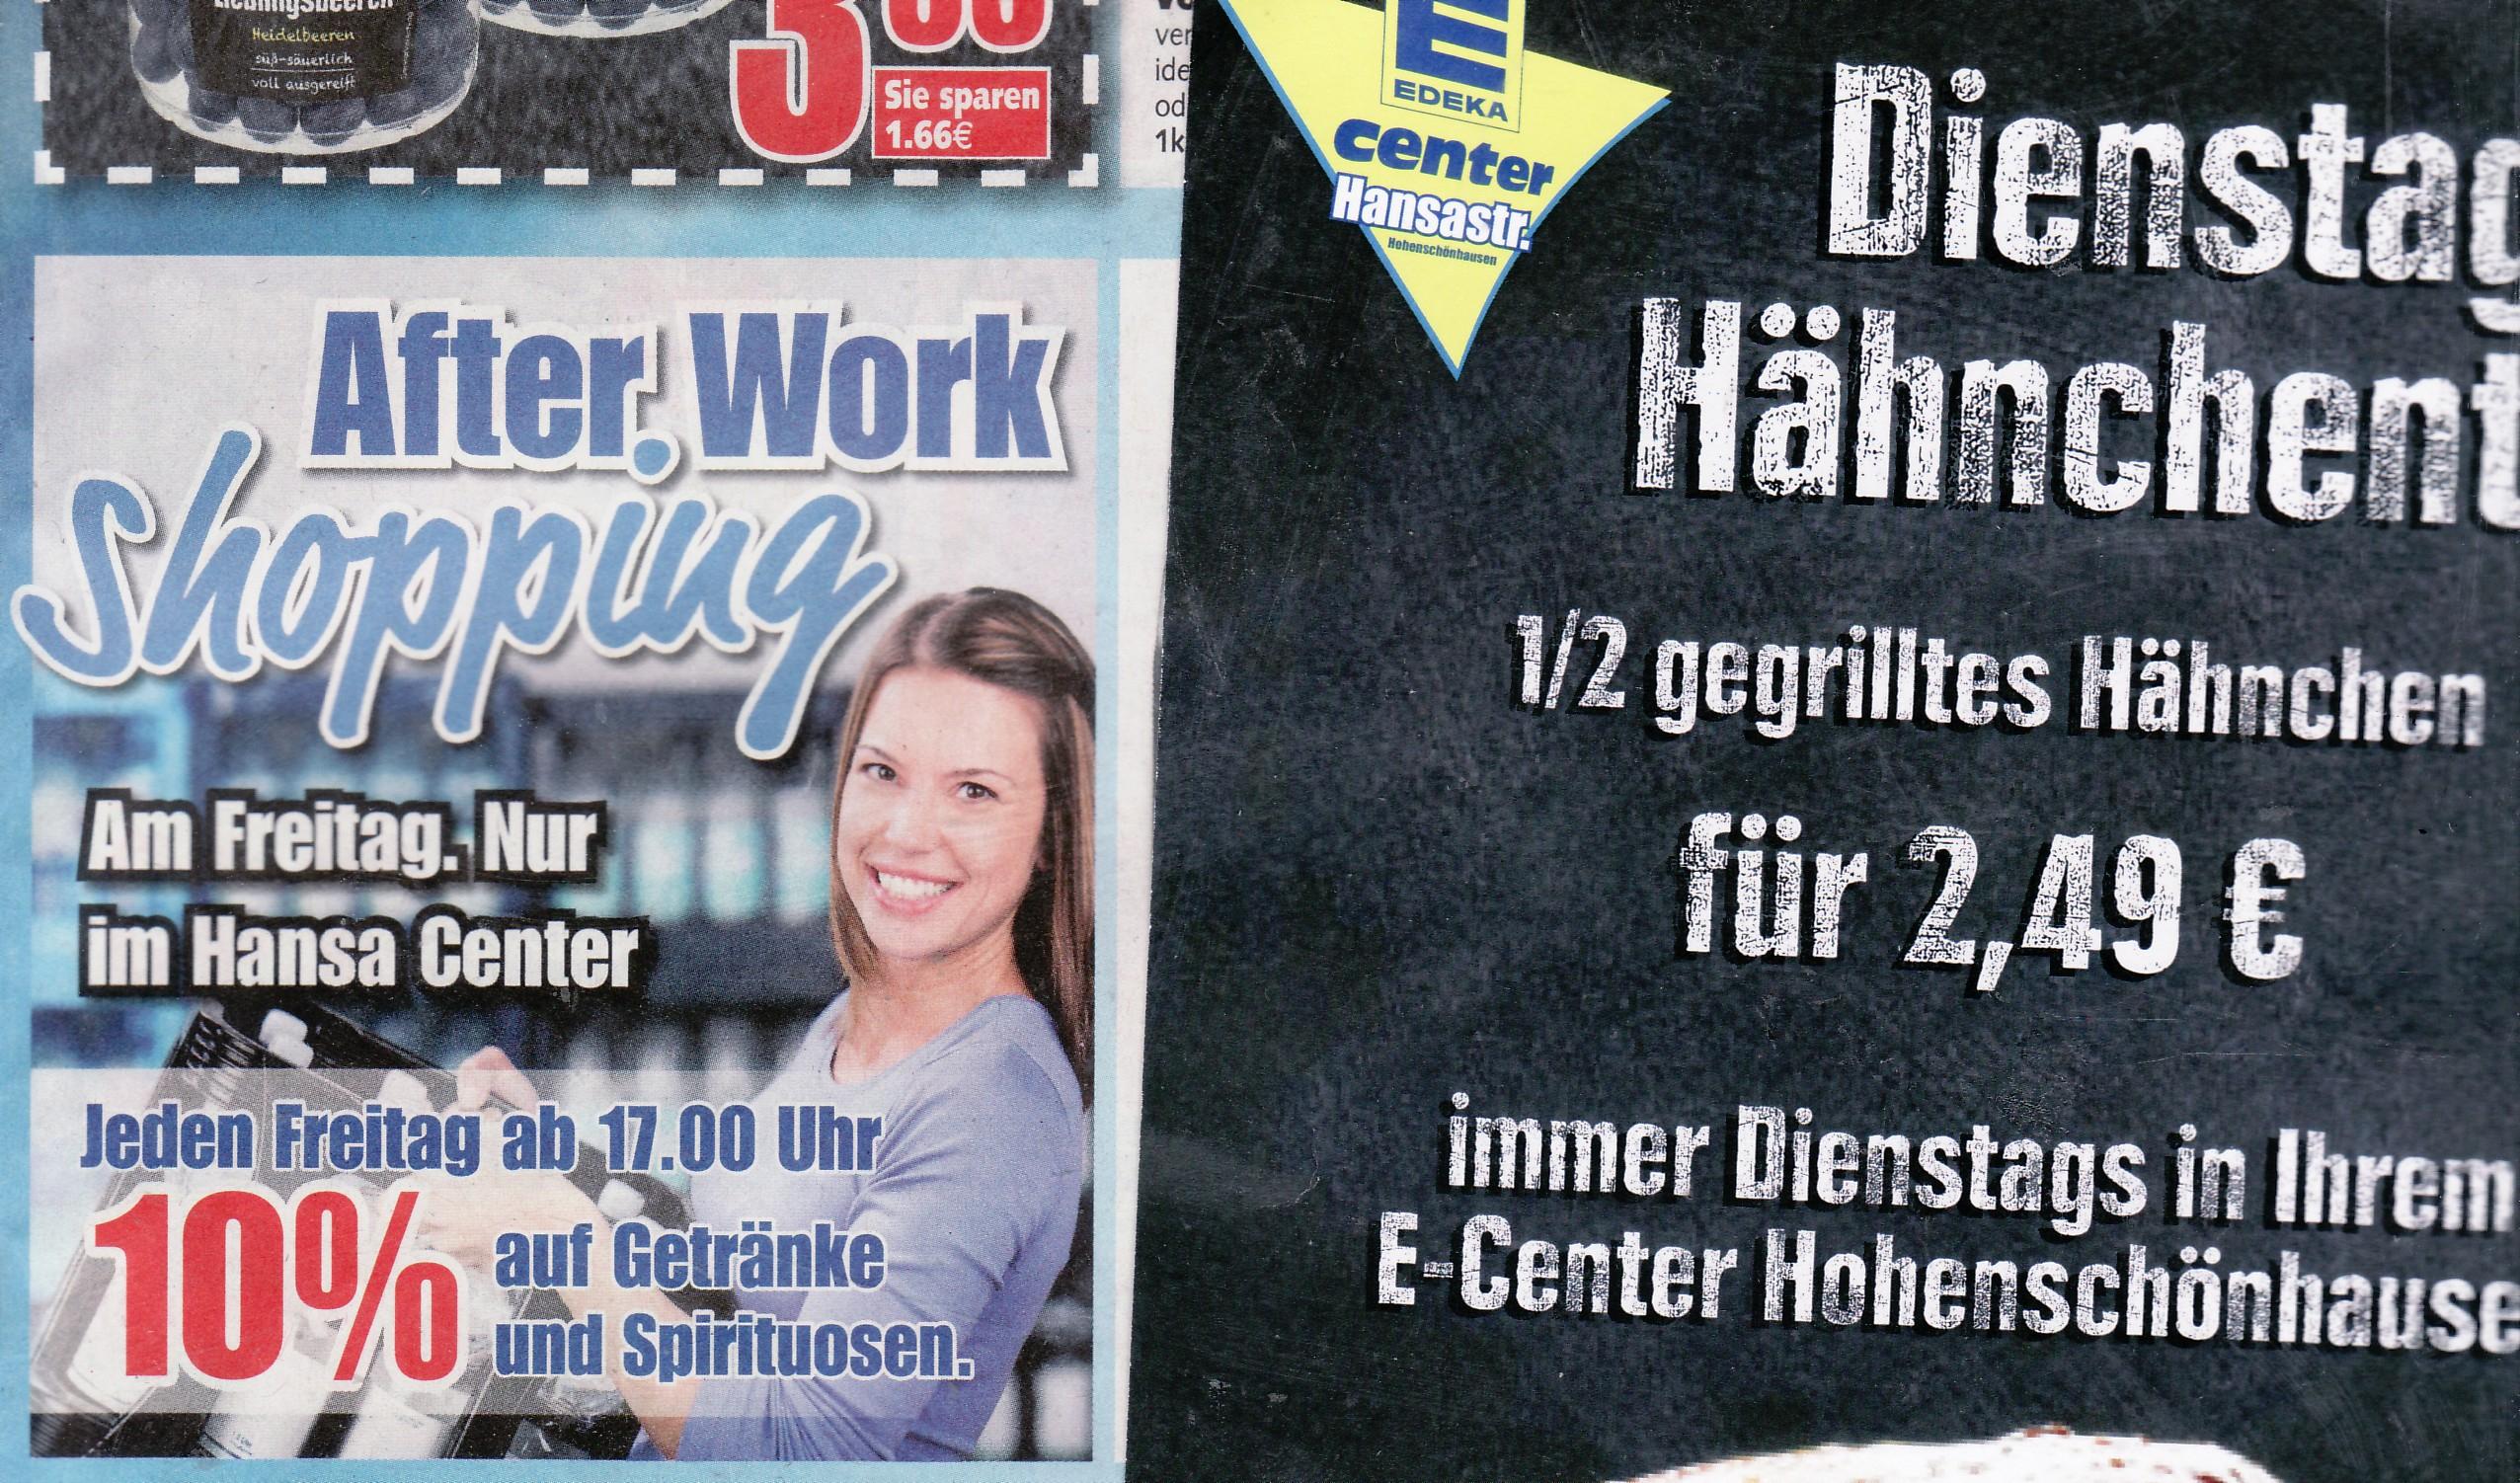 Lokal Berlin: Jeden Freitag von 17 - 21 Uhr 10 % Rabatt auf Getränke und Spirituosen im Edeka Hansacenter Hohenschönhausen